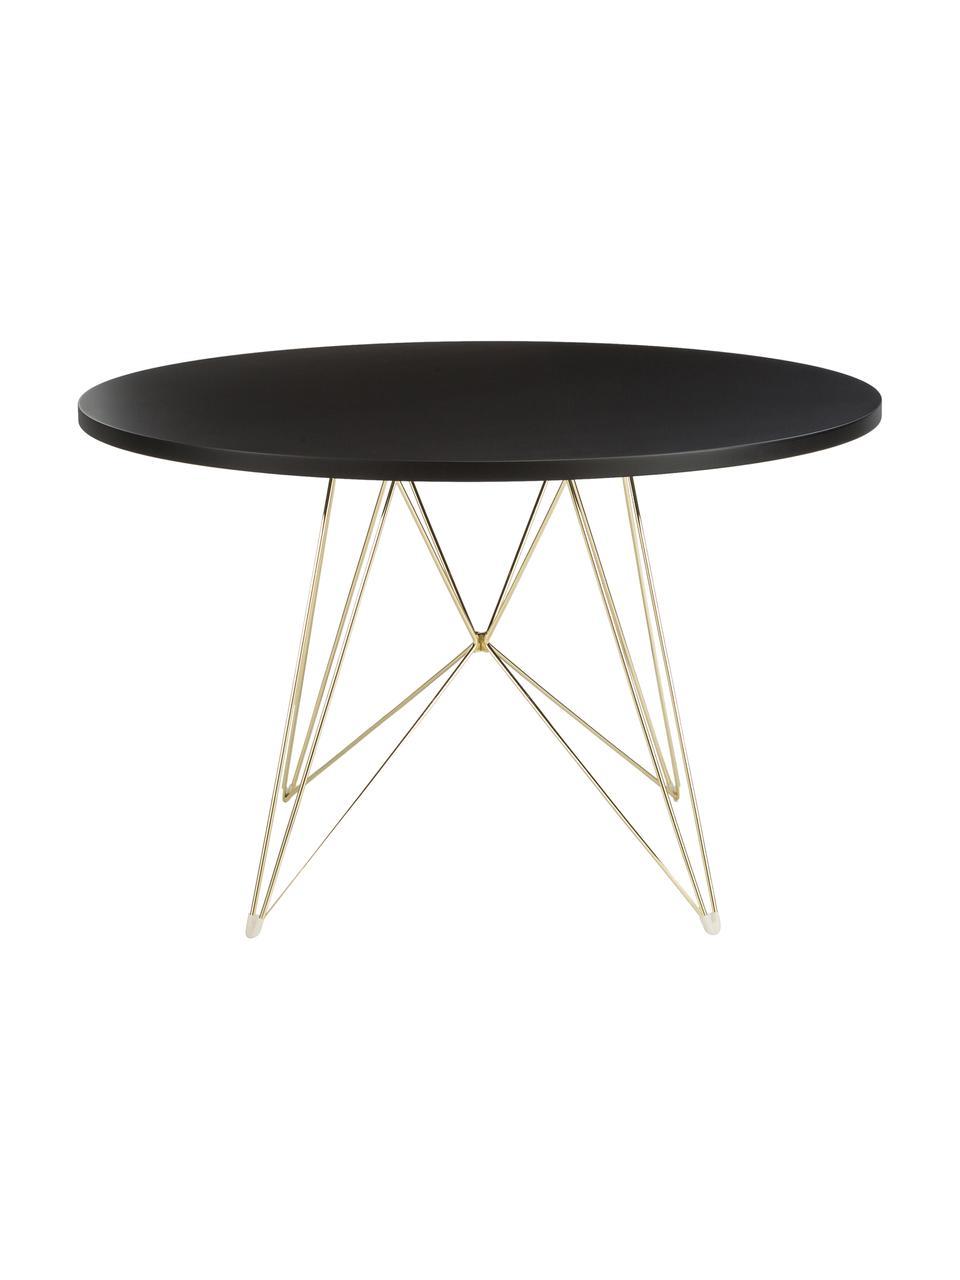 Okrągły stół do jadalni na kozłach XZ3, Blat: płyta pilśniowa o średnie, Nogi: drut stalowy, chromowany, Mosiądz, Ø 120 x W 74 cm